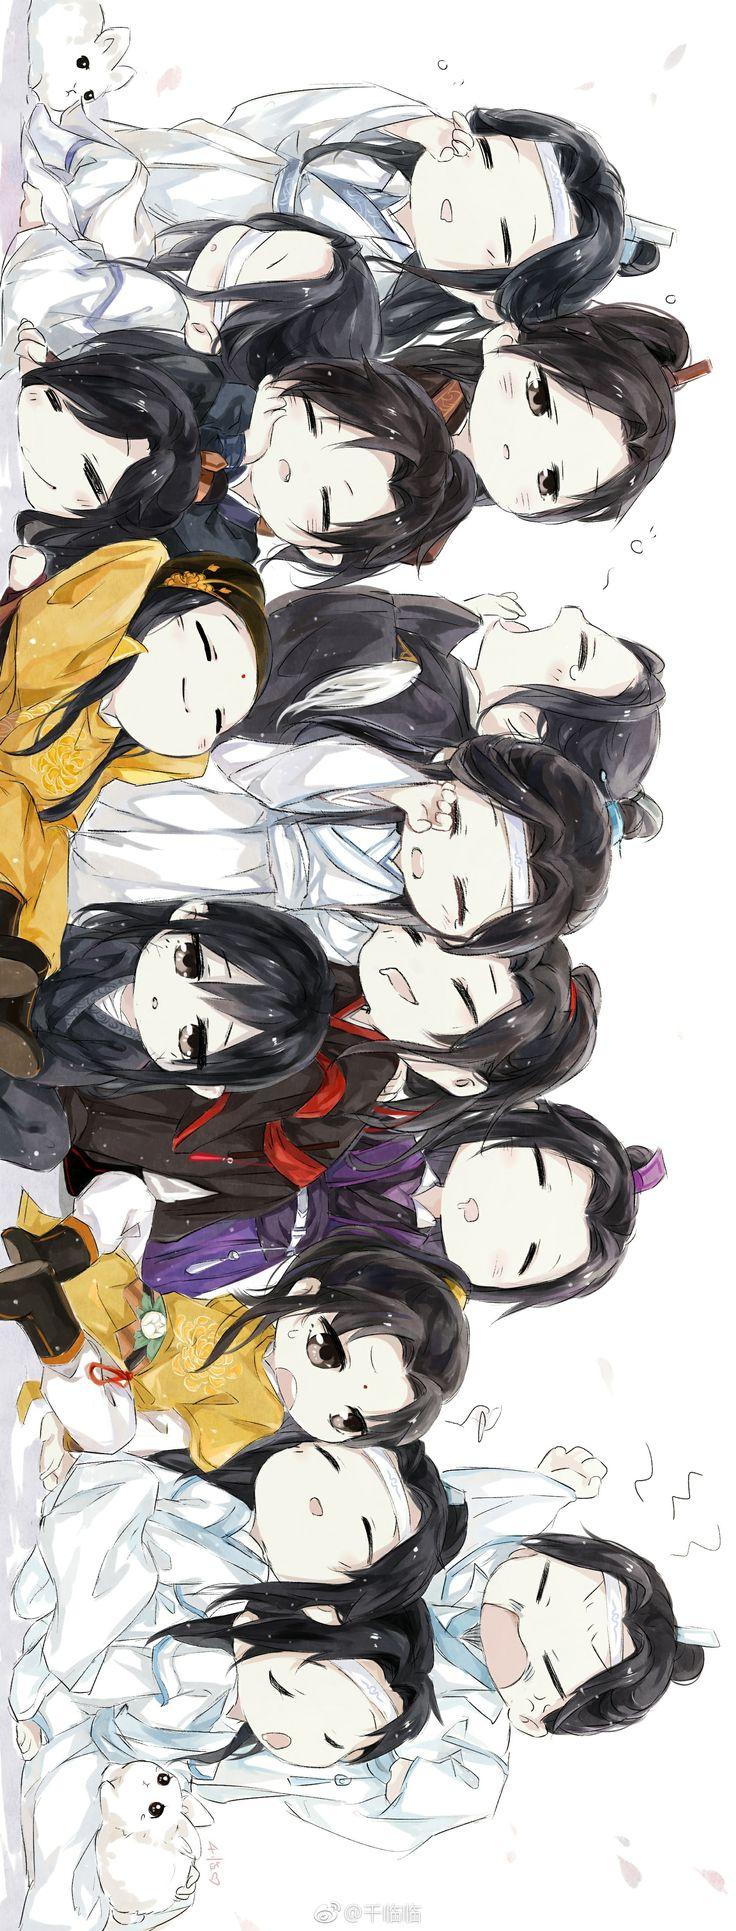 The whole crew (Dengan gambar) Anime anak lakilaki